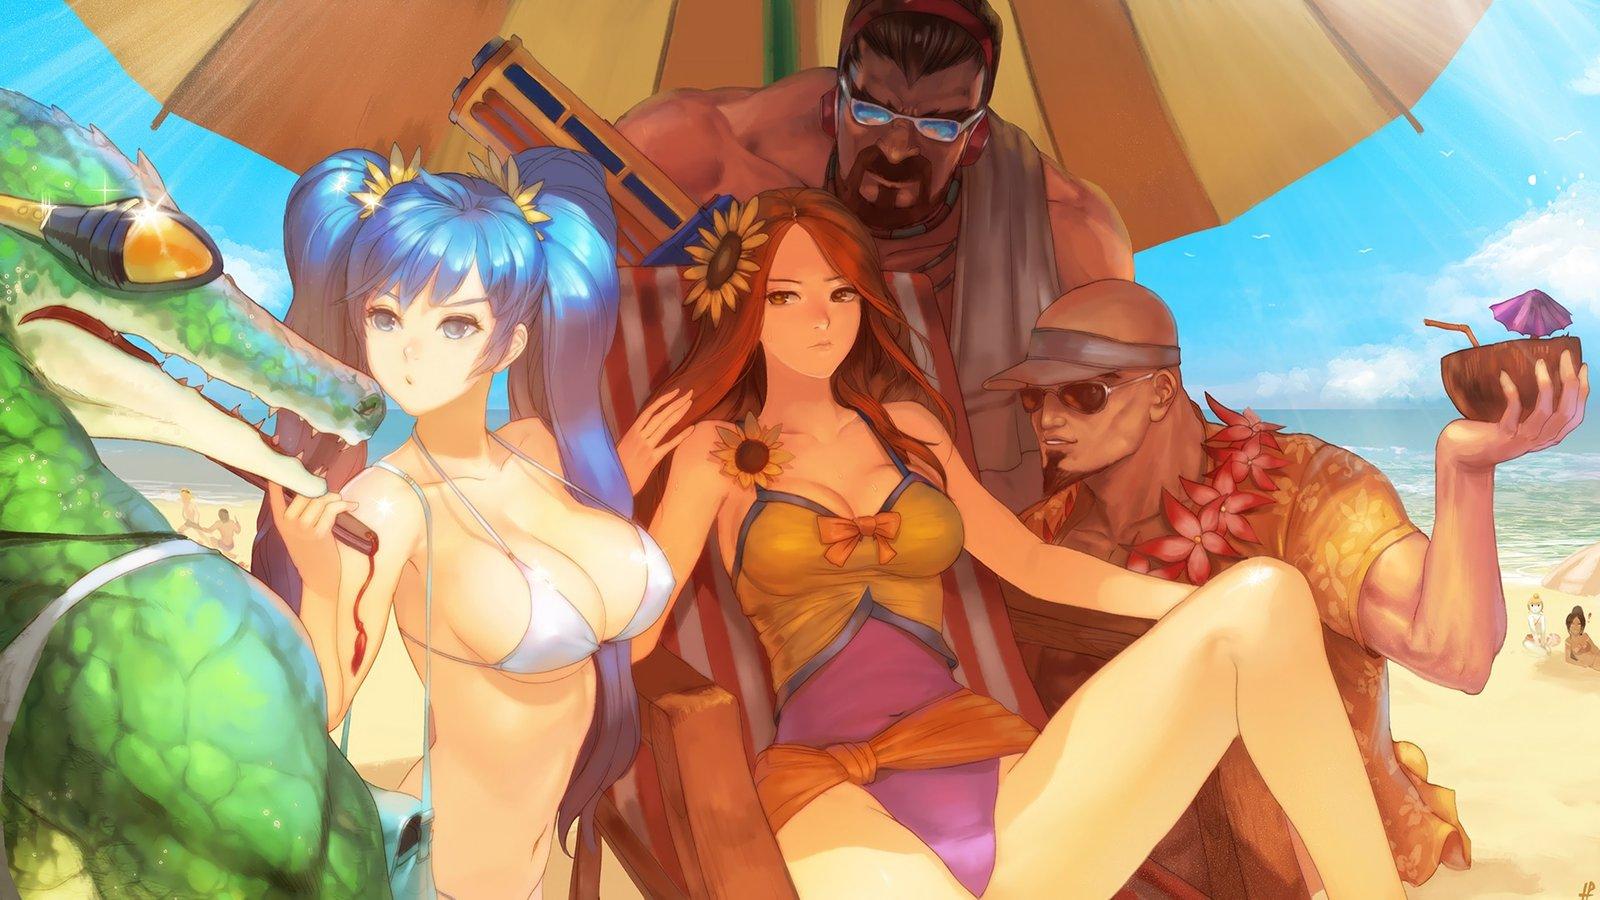 Leona Pool Party